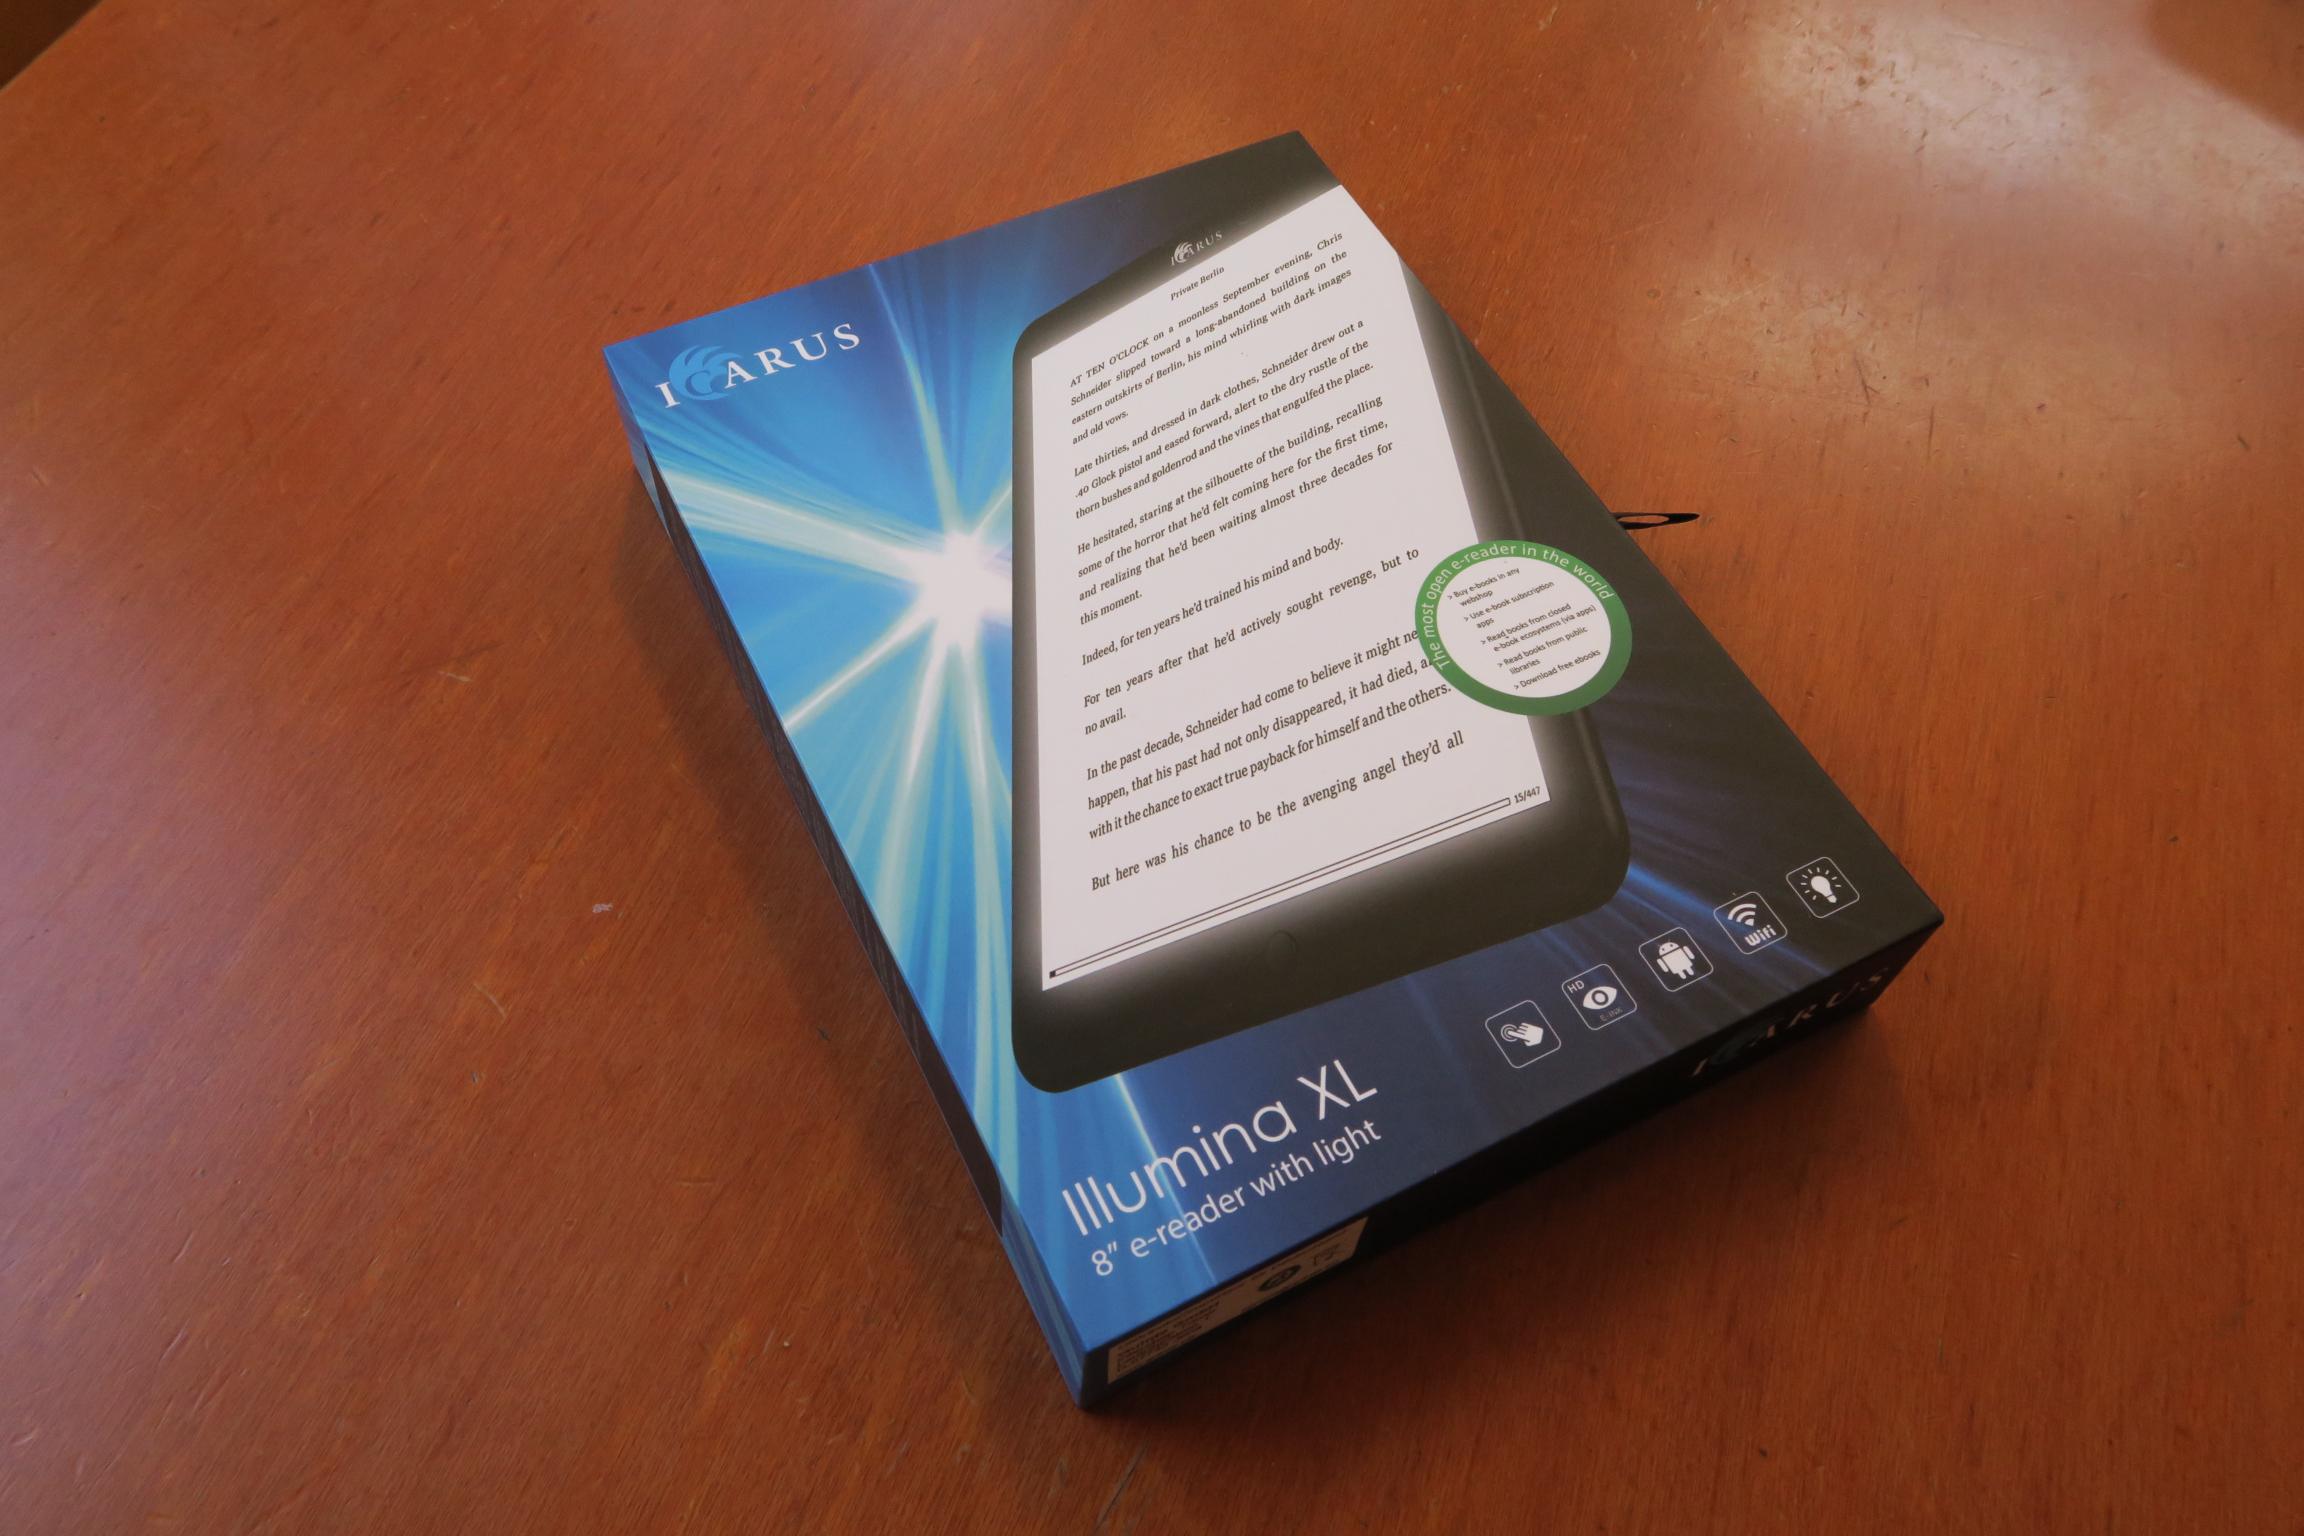 日本最速レビュー!? 8インチ電子書籍リーダー「Icarus Illumina XL」開封の儀